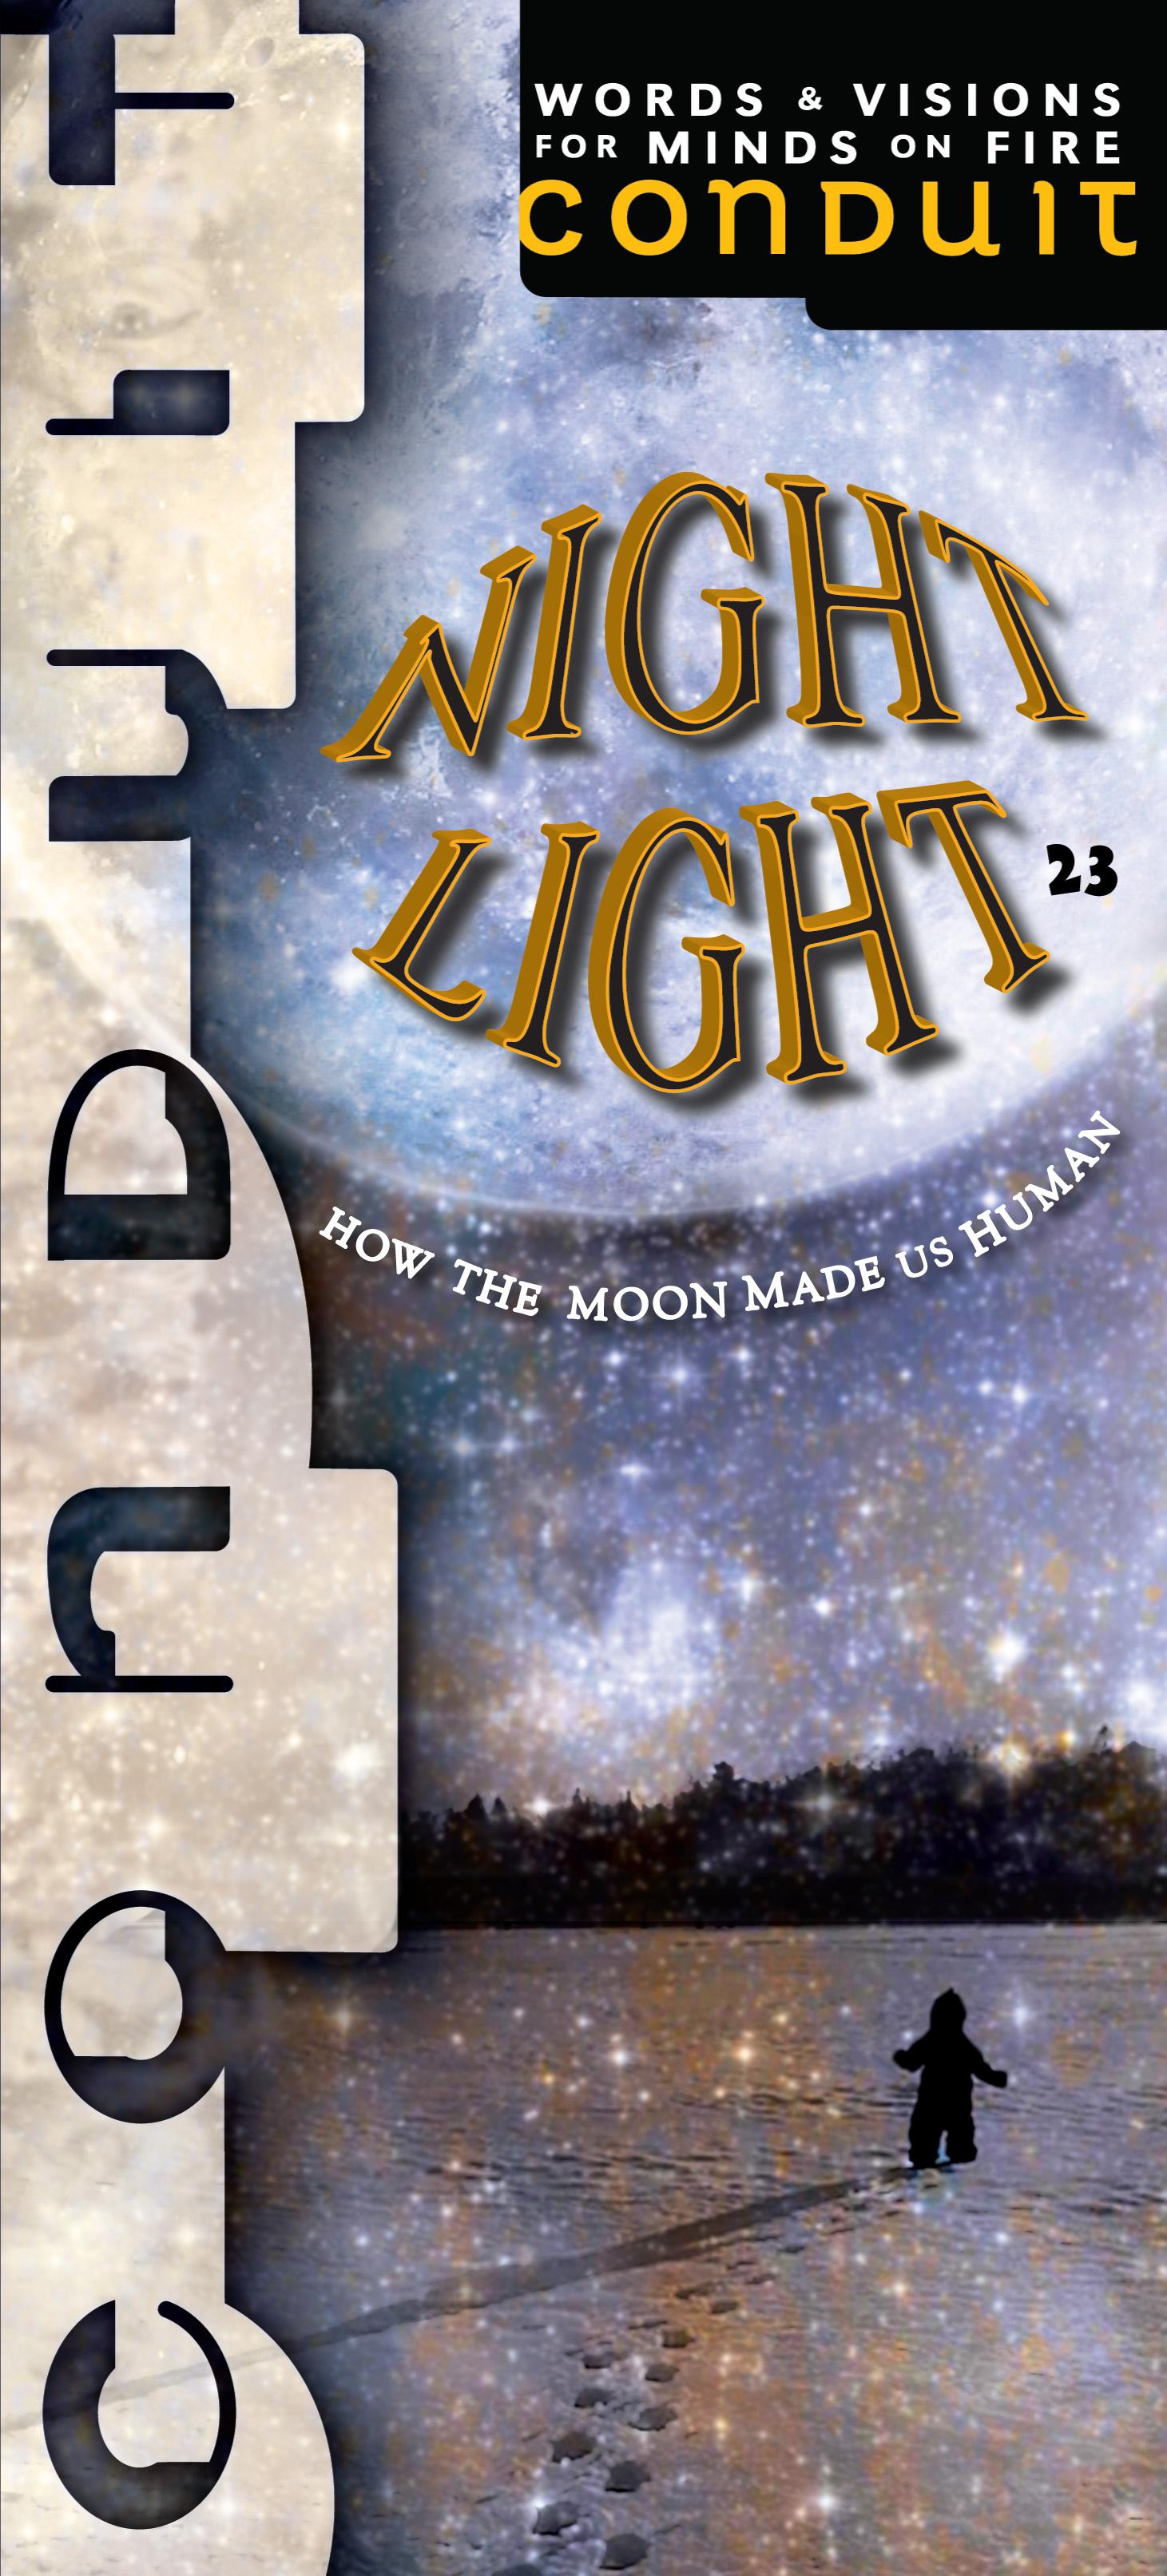 #23 Night Light